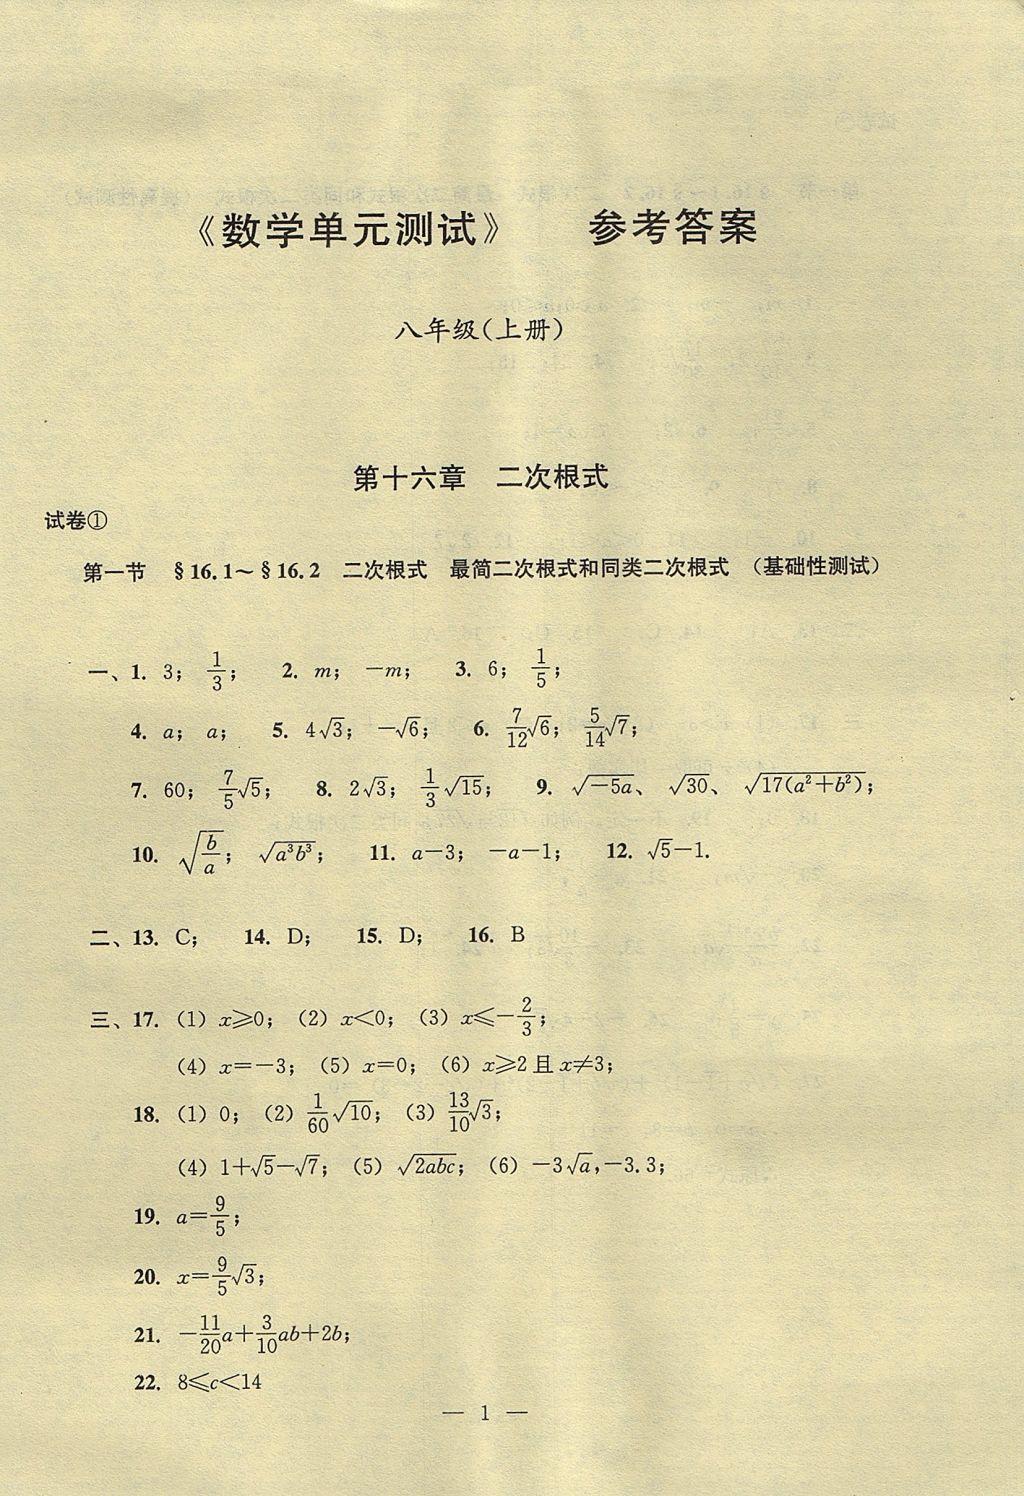 2017年初中数学双基过关堂堂练八年级上册单元测试答案第1页